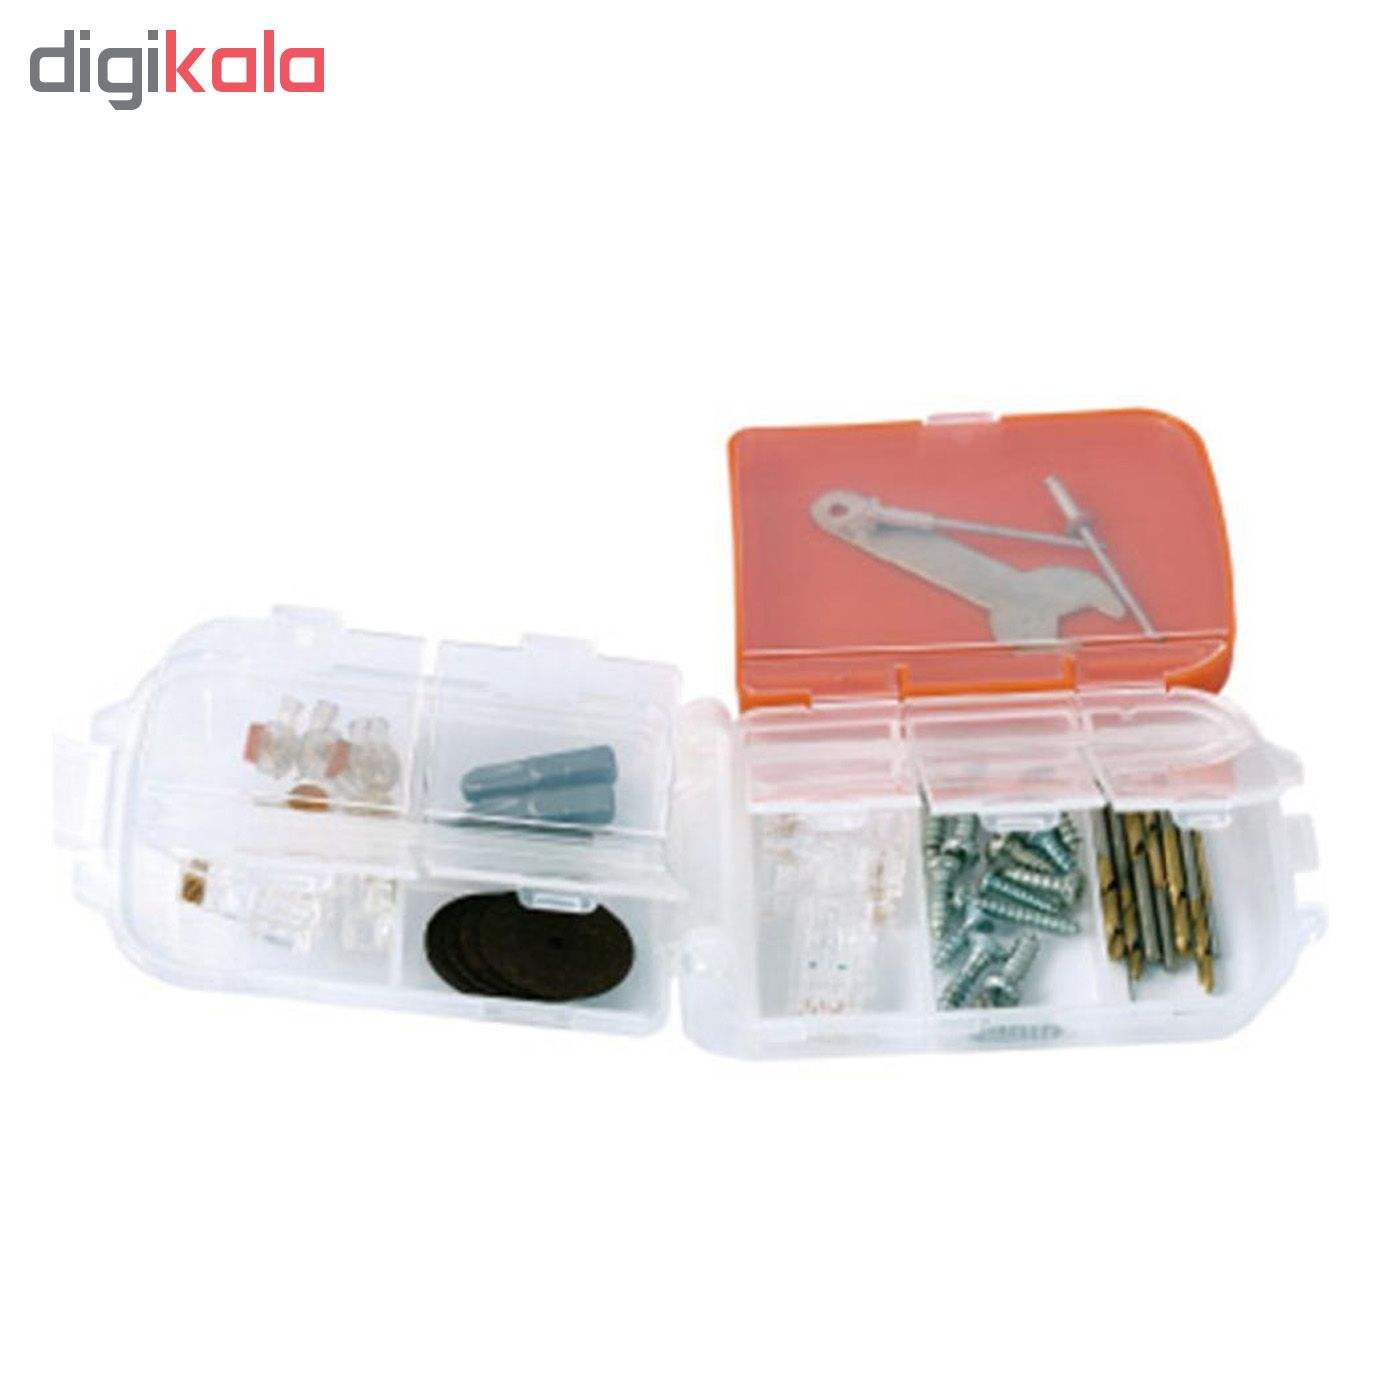 جعبه ابزار چند منظوره پروسکیت مدل SB-1007K main 1 3